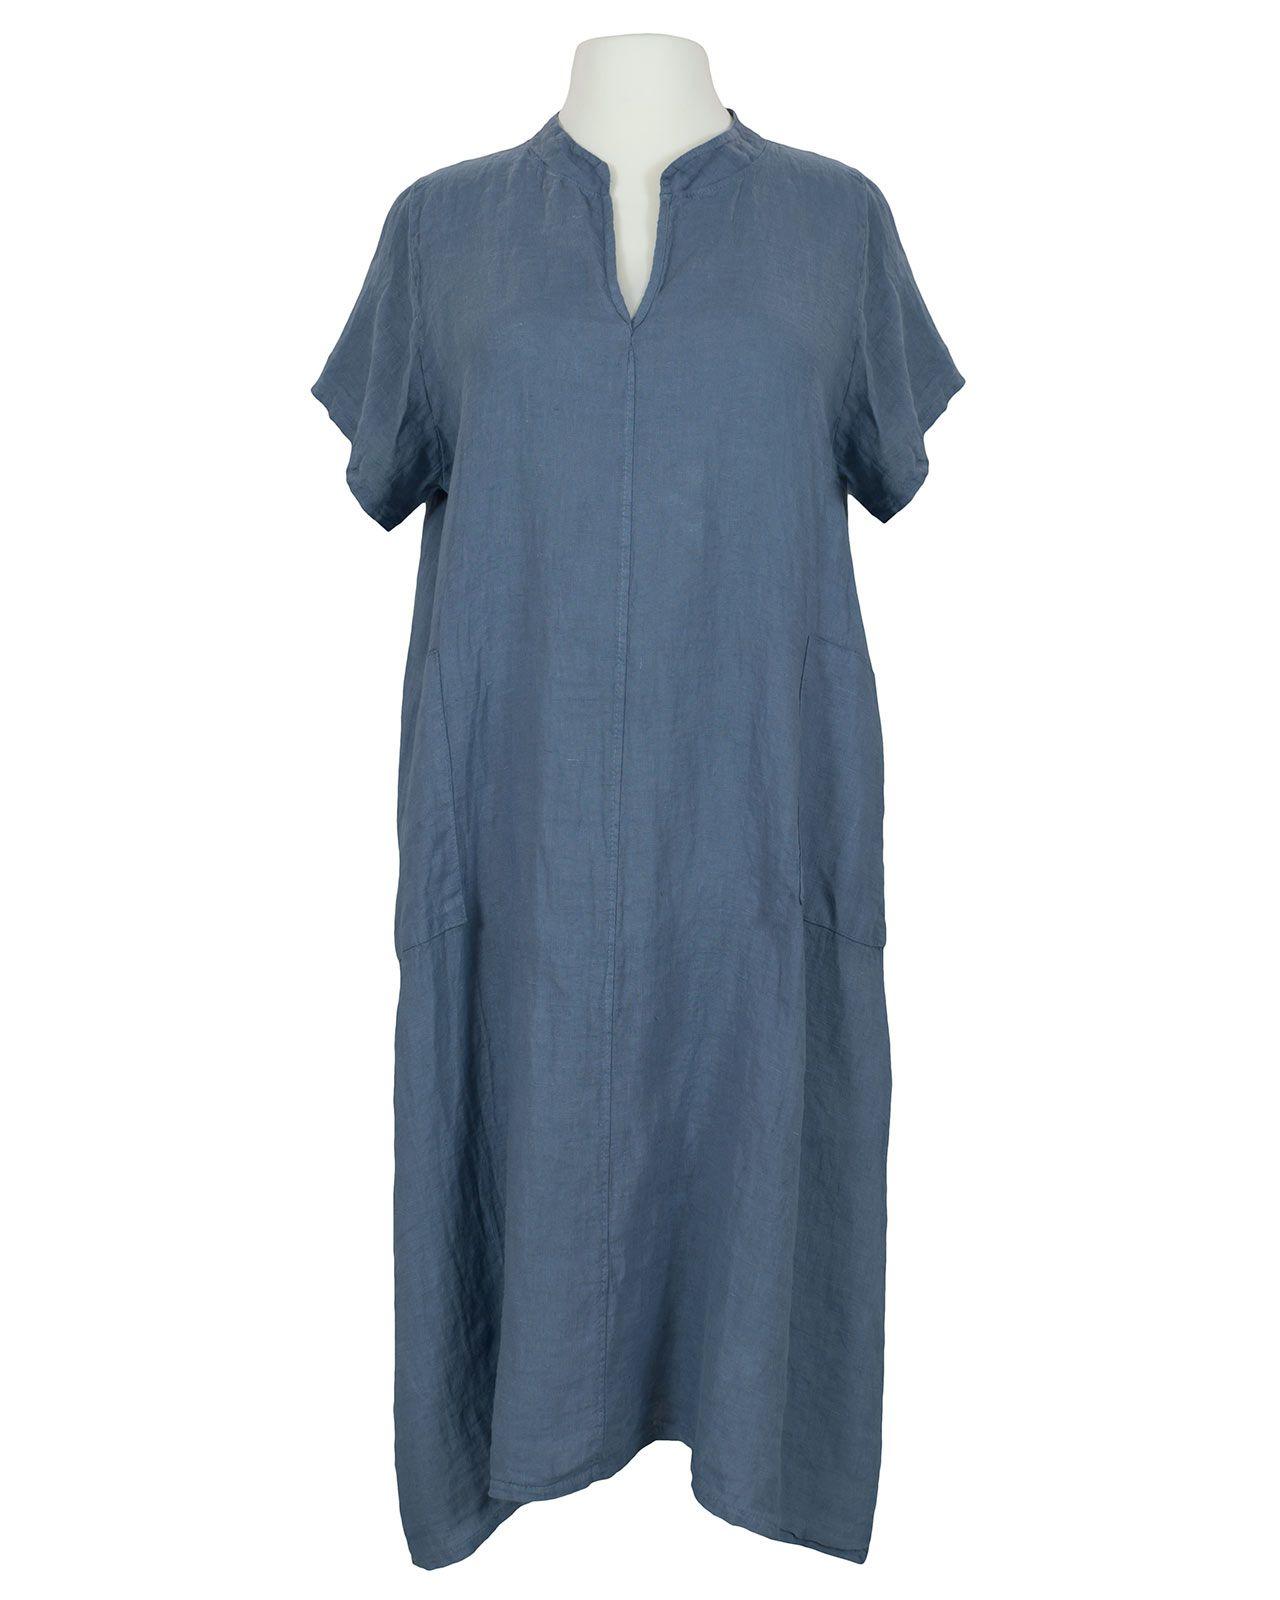 Damen Leinenkleid Stehkragen, jeansblau von Made in Italy ...